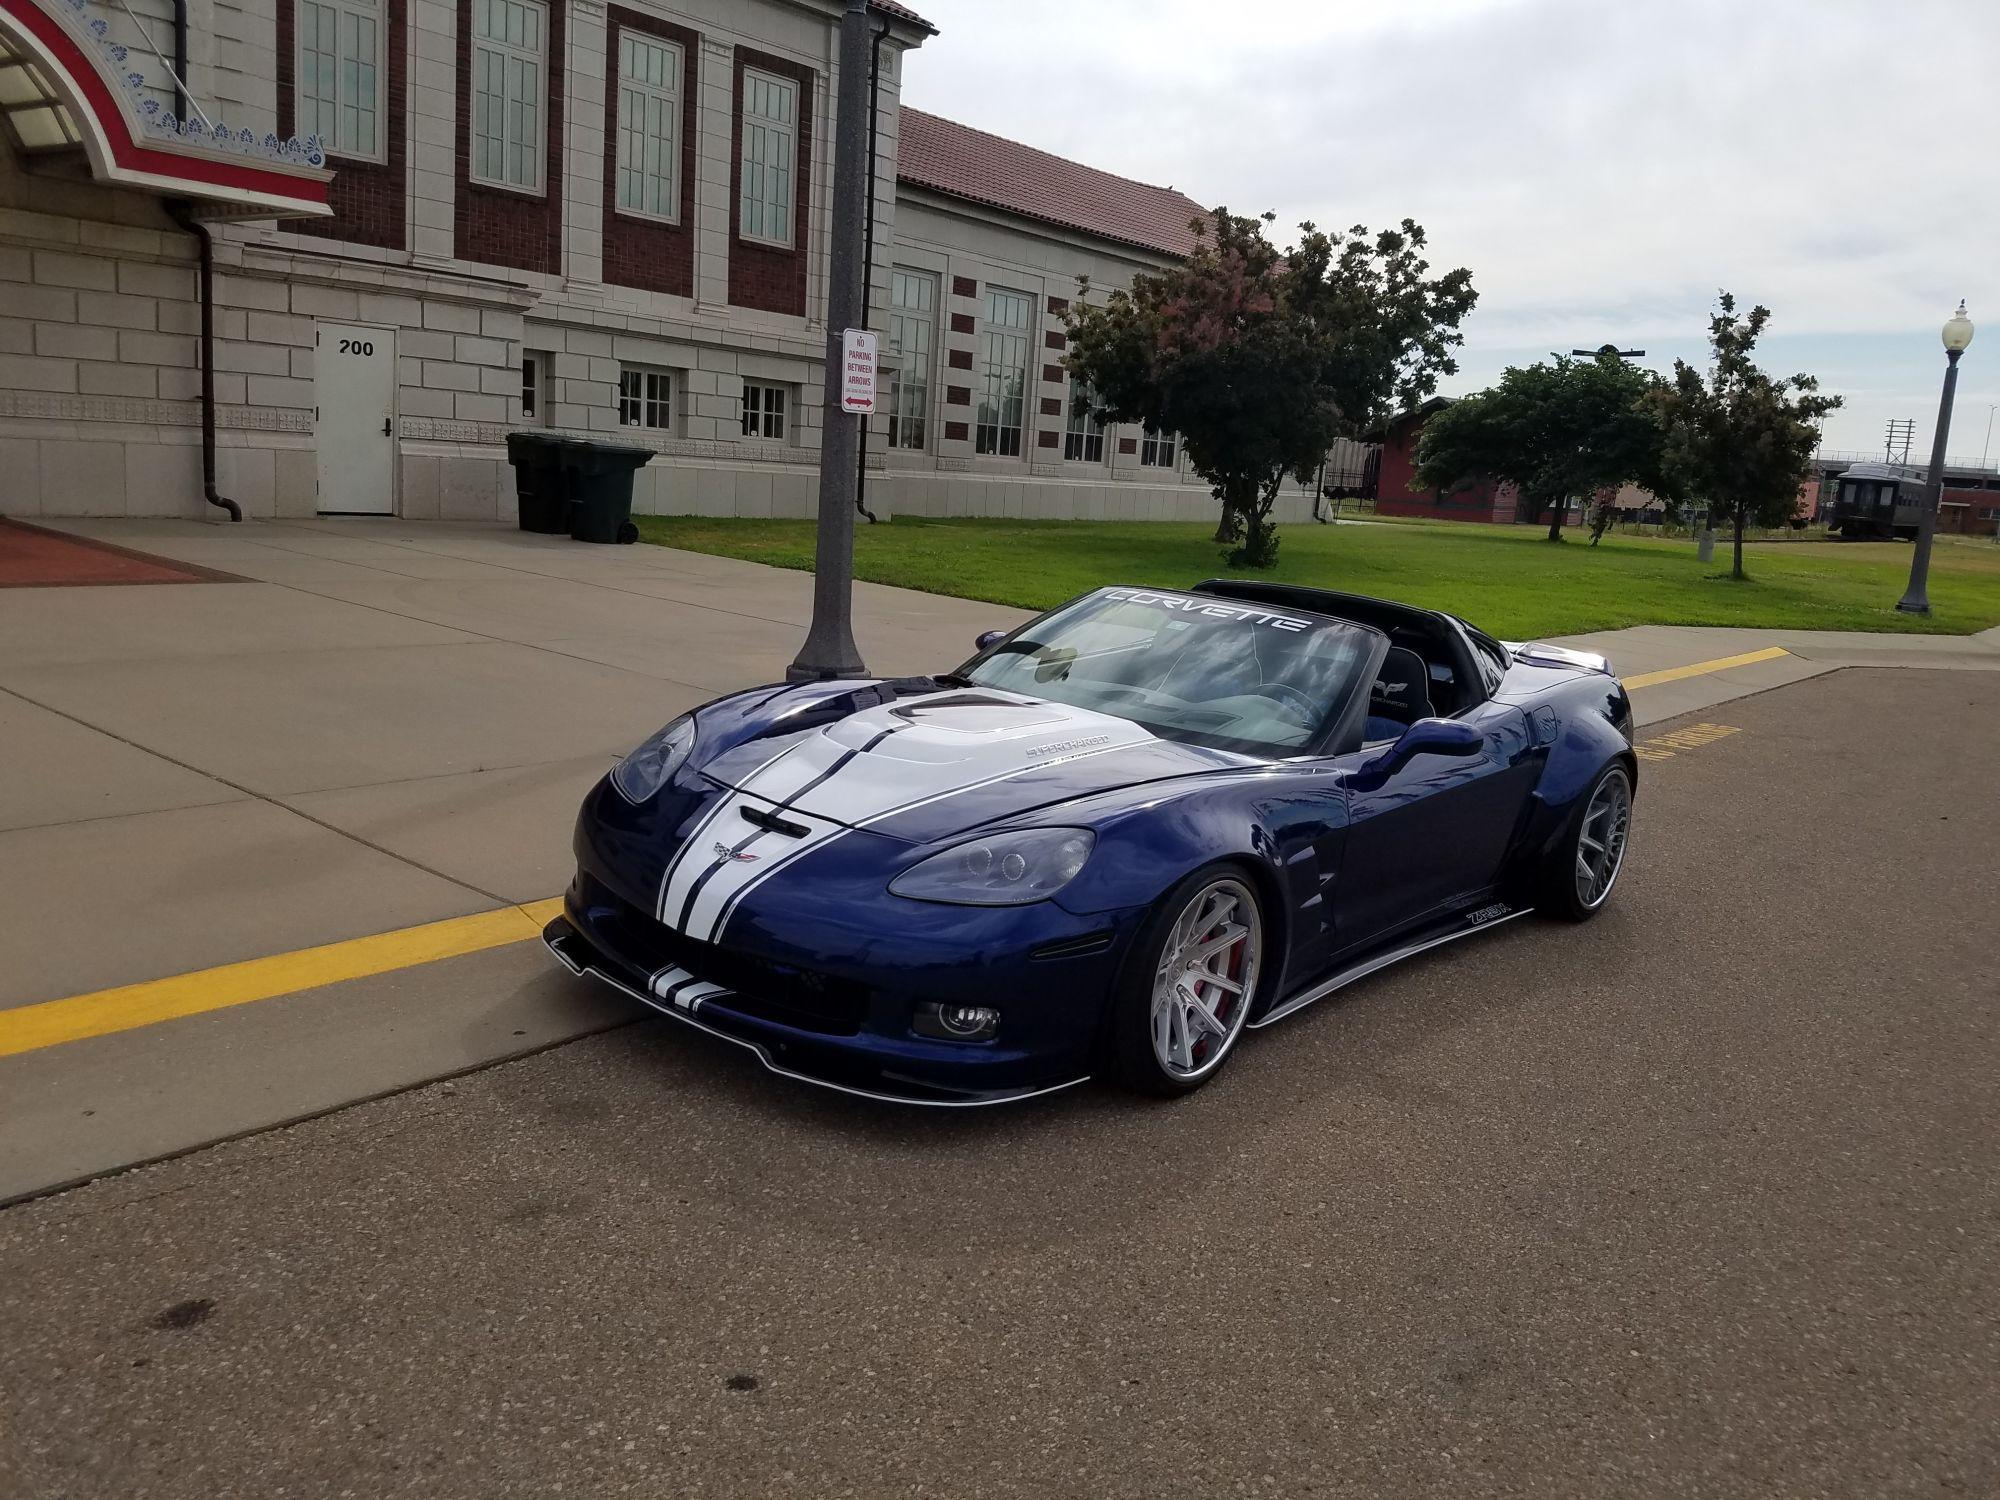 Corvetteforum chevrolet corvette forum discussion